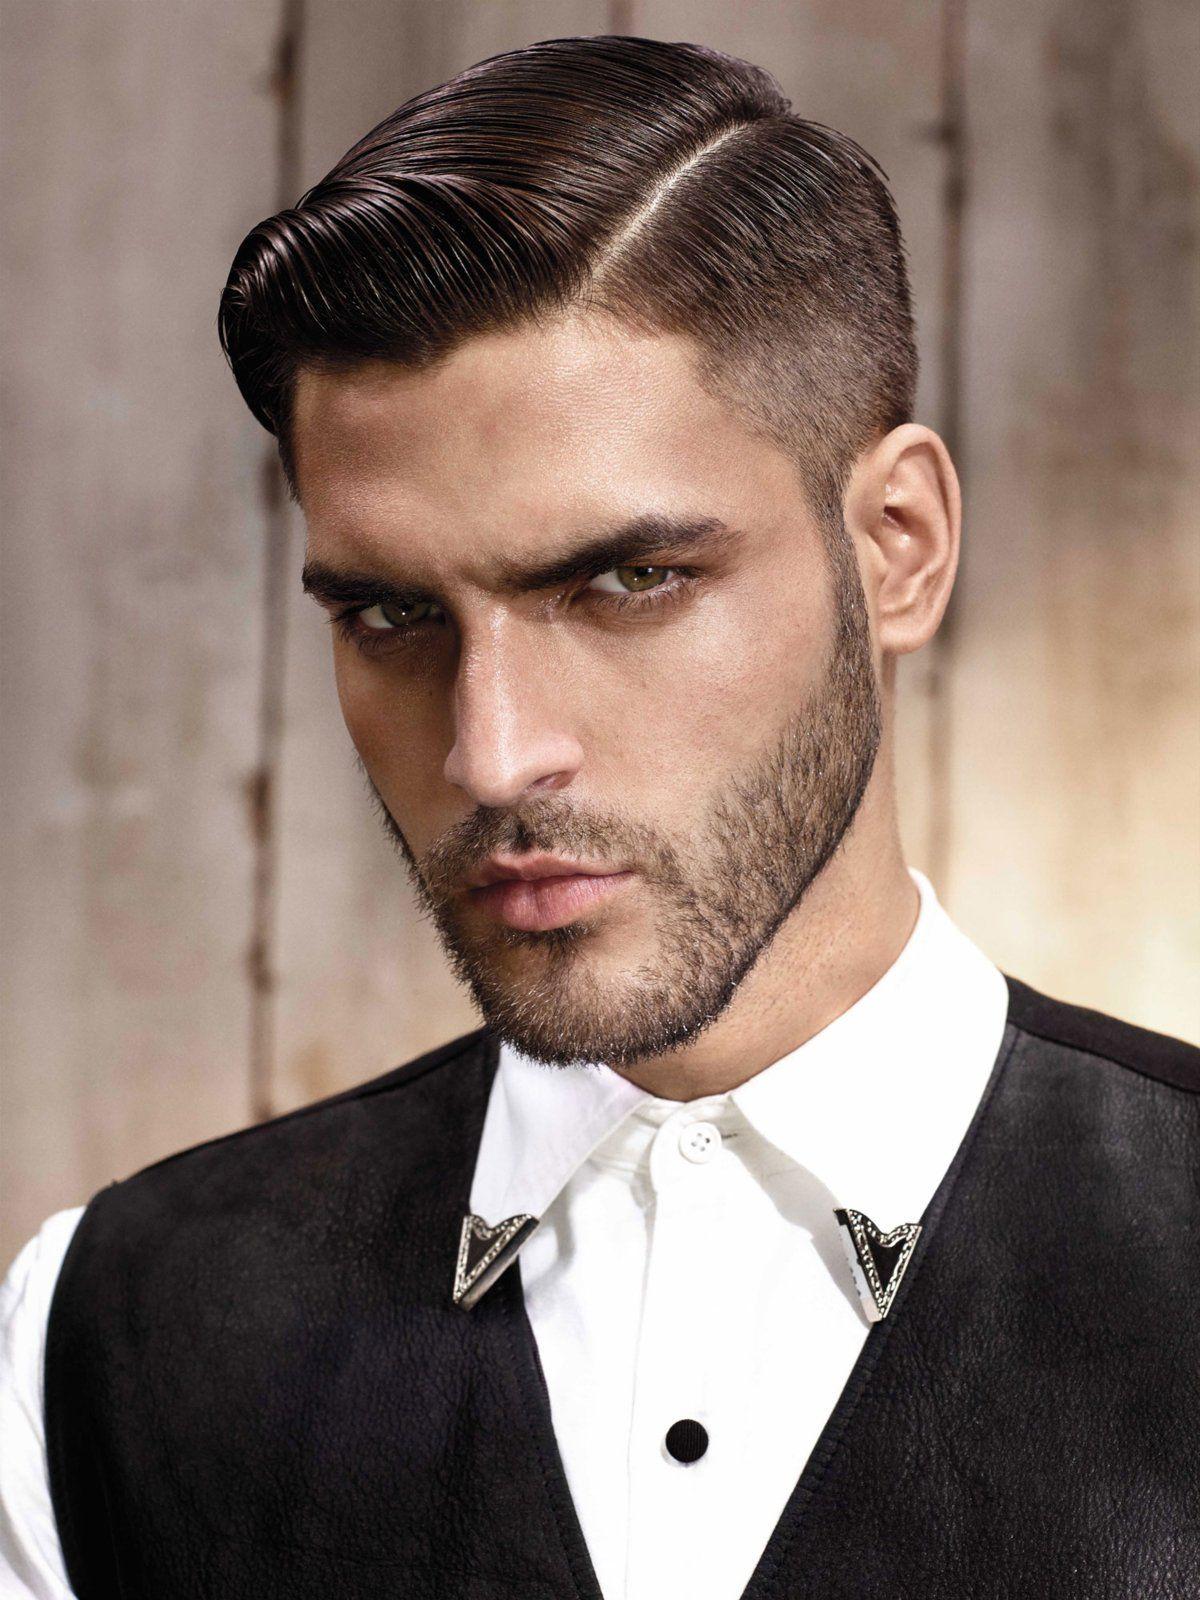 Ricki Hall hat's vorgemacht - seine Frisur wurde promt zum einflussreichsten Männerhaarschnitt 2014 gekürt. Seitdem liegen elegante Männerfrisuren mit Seitenscheitel absolut im Trend!Alles zum Thema Haare und Frisuren findet ihr hier: Frisuren